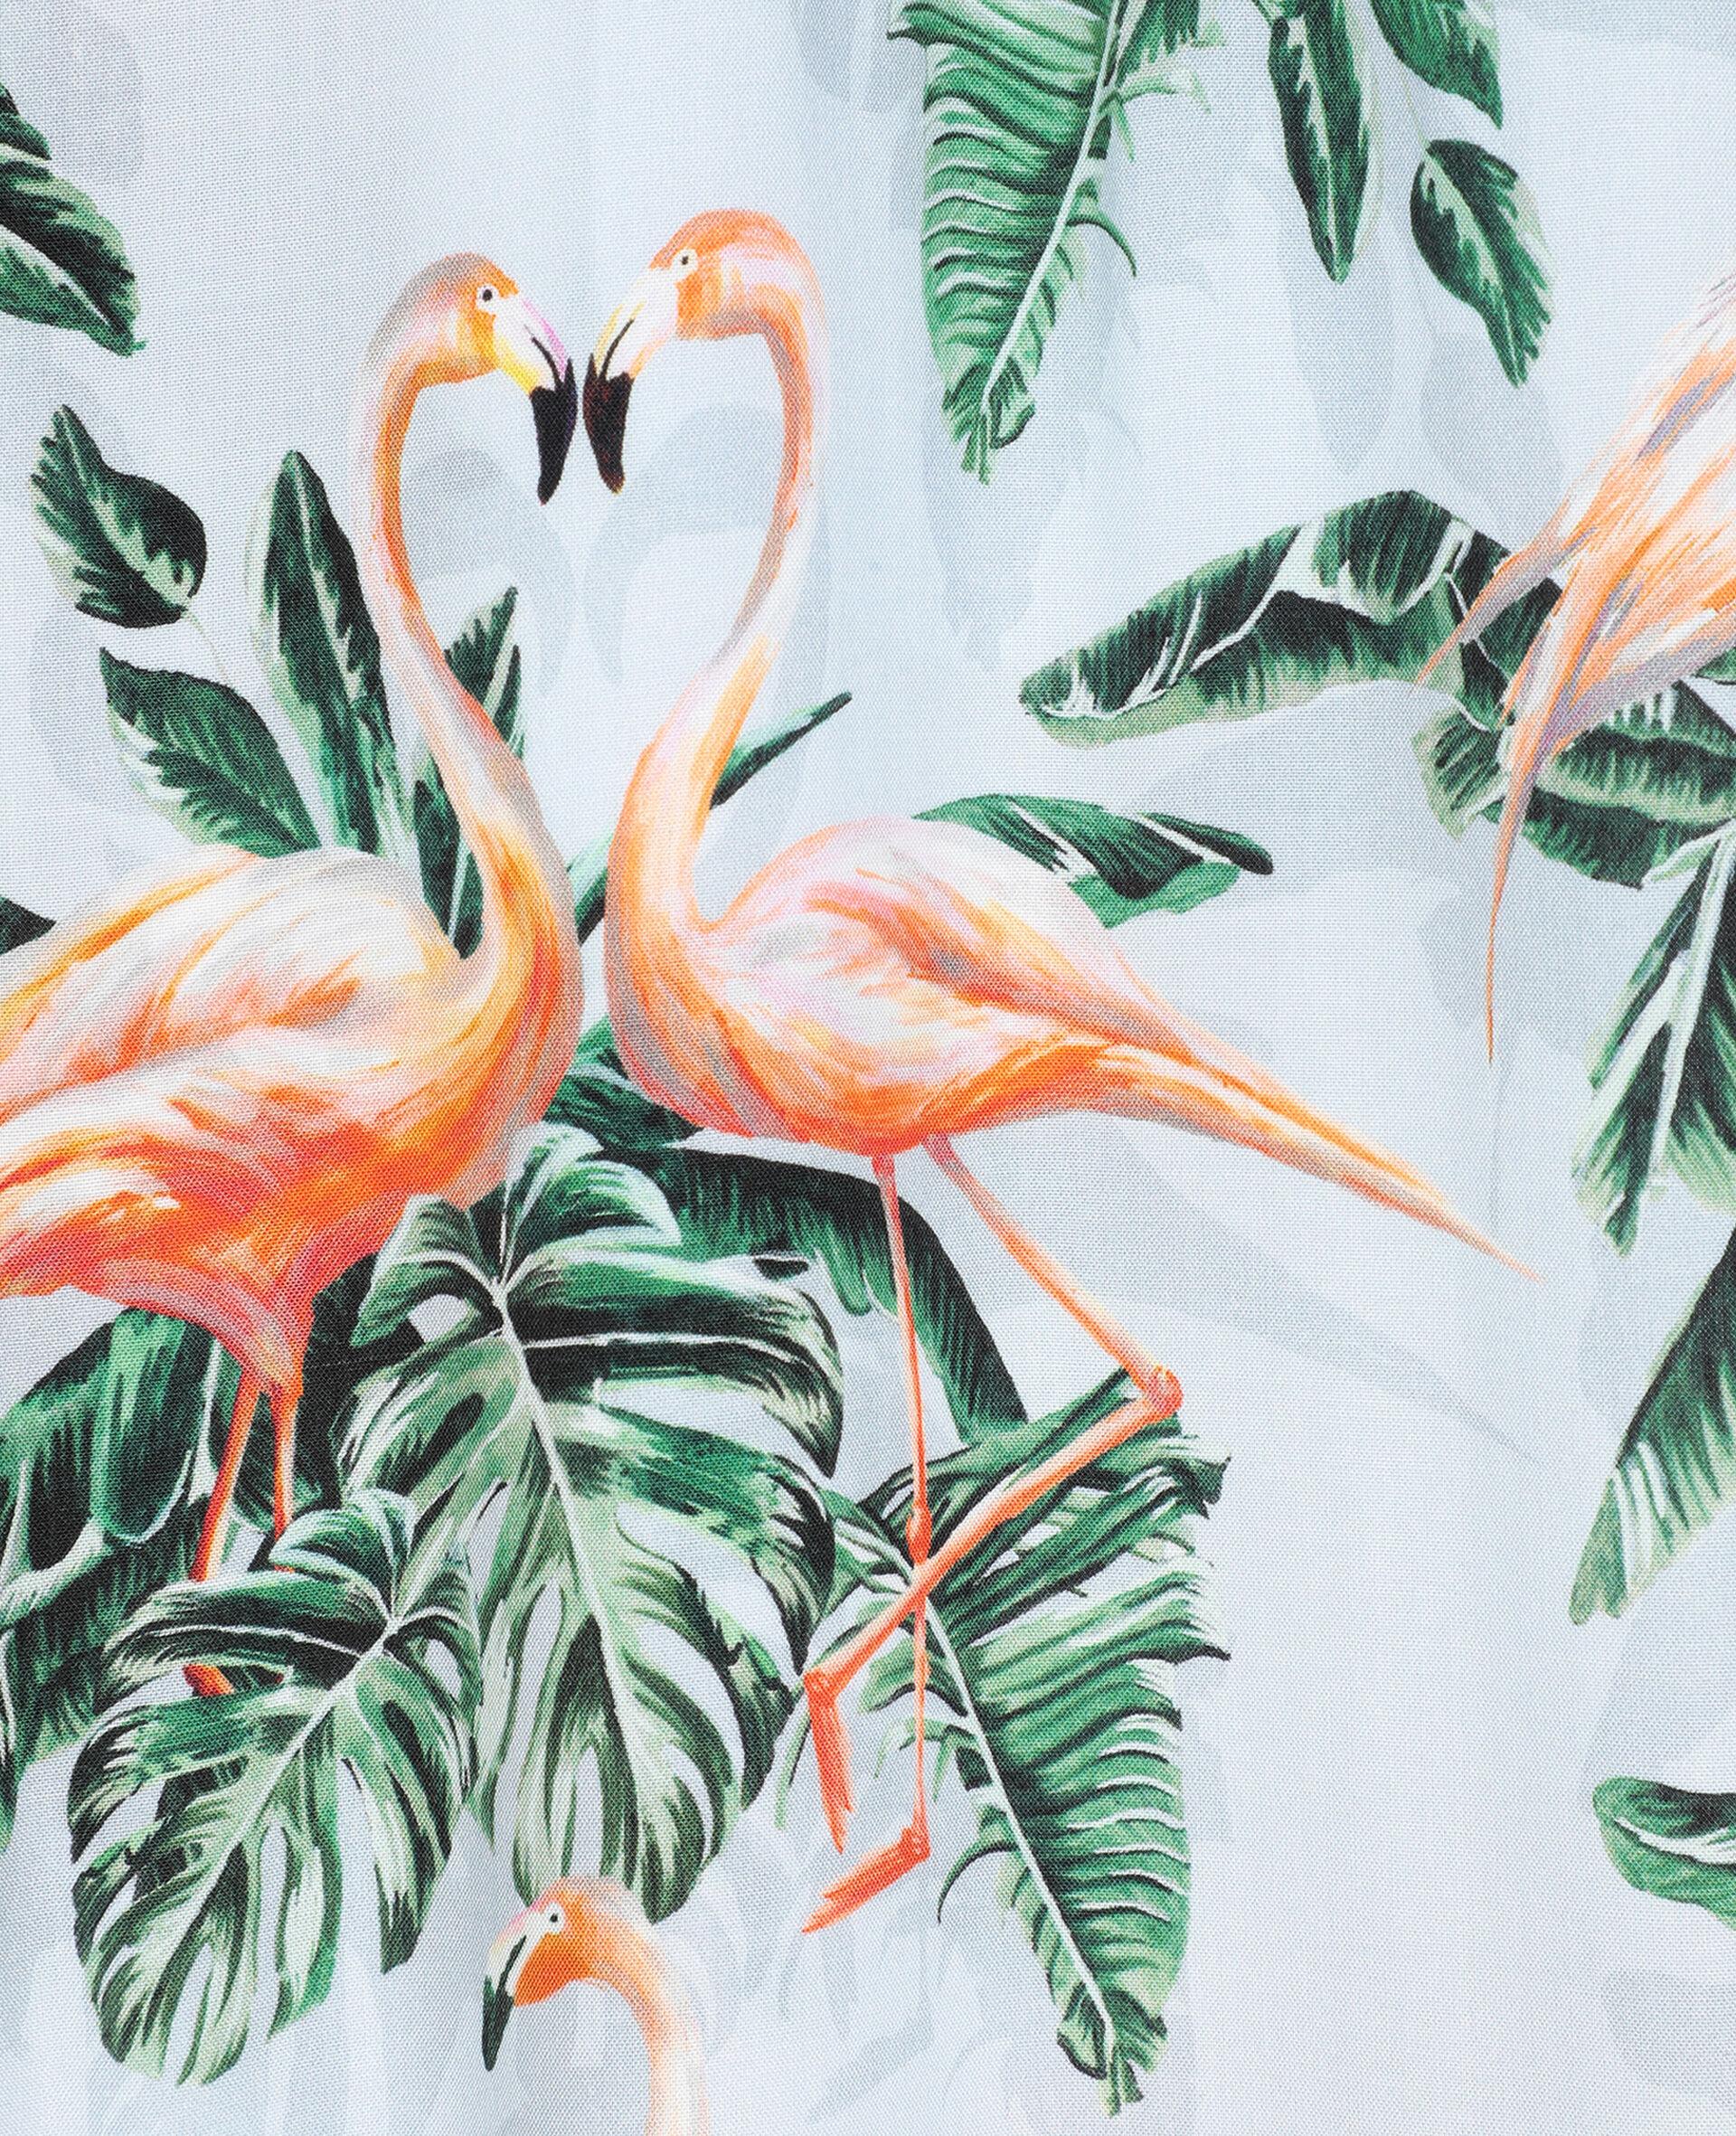 Painty Flamingo粘胶纤维连体衣-绿色-large image number 1